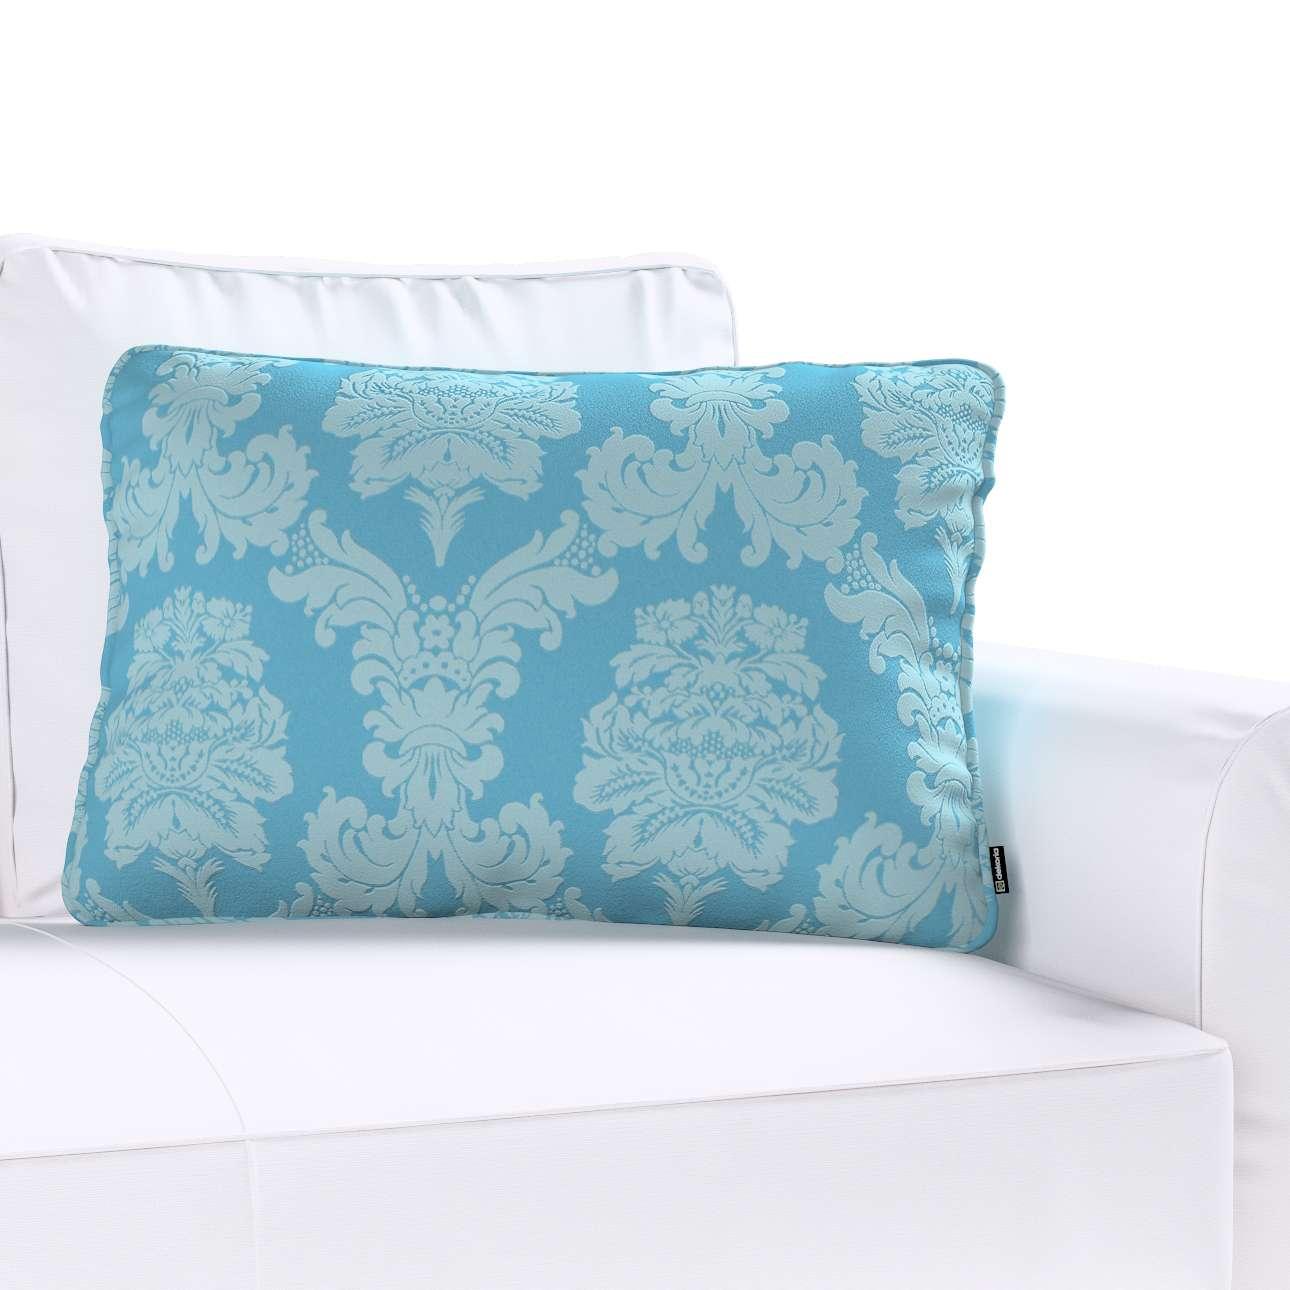 Poszewka Gabi na poduszkę prostokątna 60x40cm w kolekcji Damasco, tkanina: 613-67